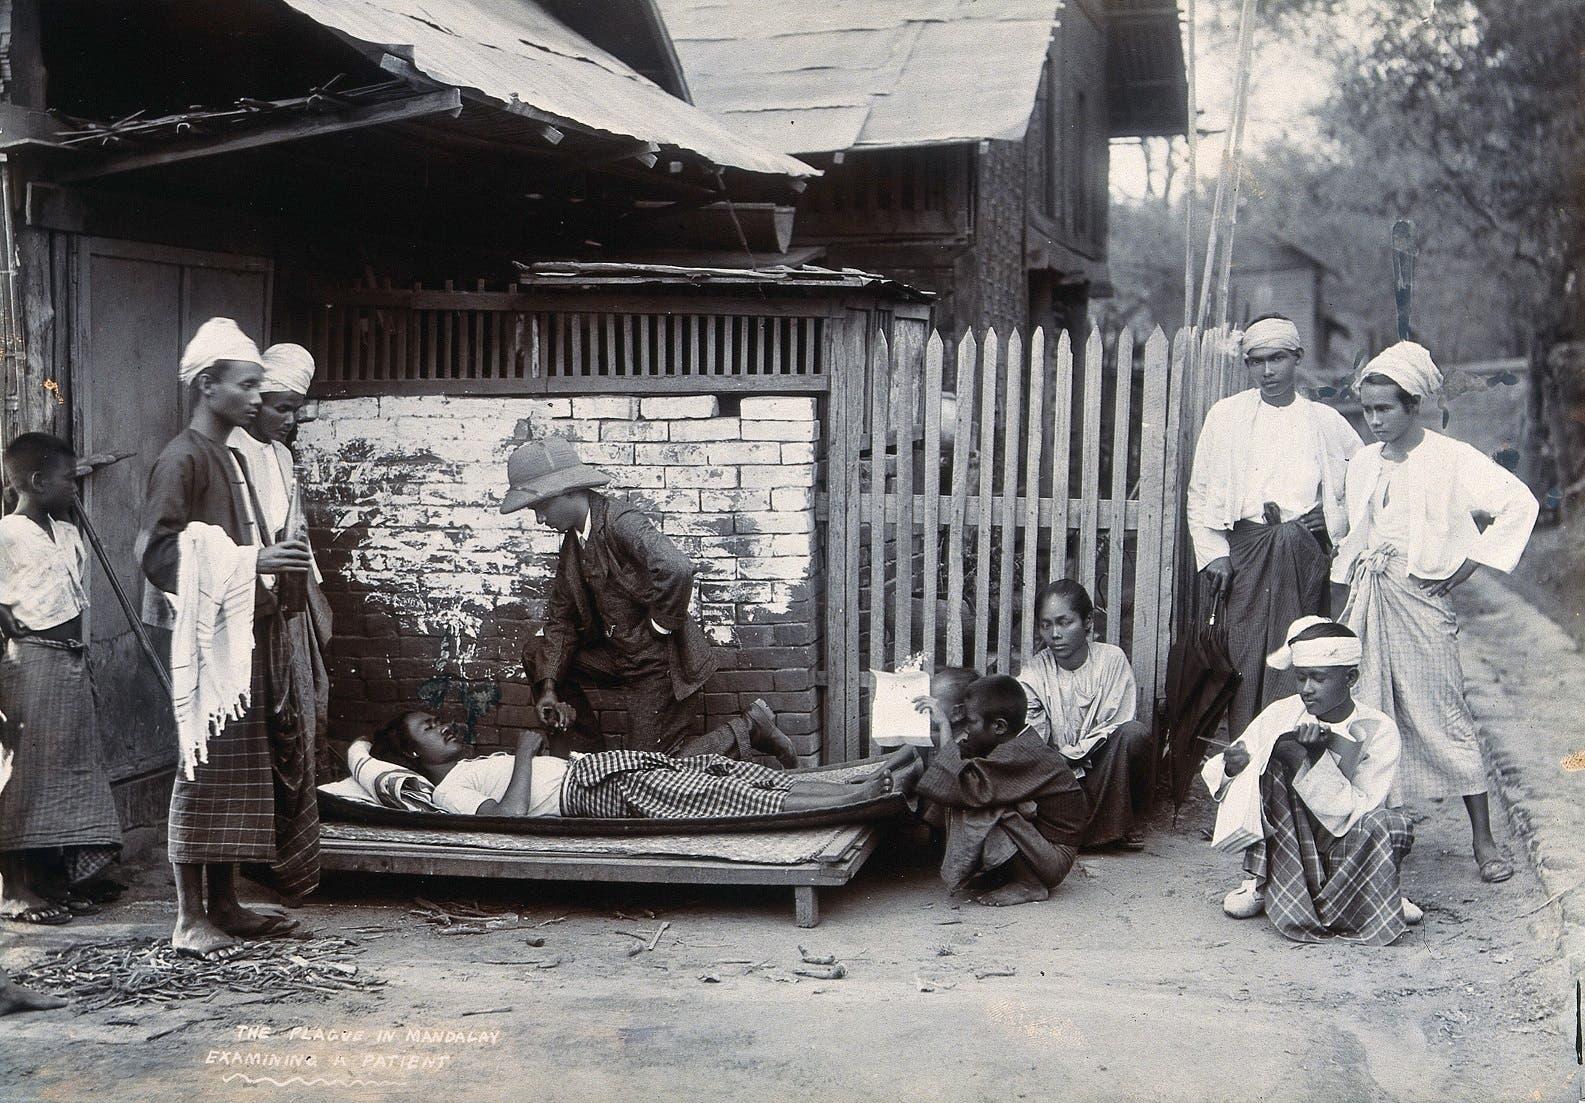 صورة لعملية فحص أحد المصابين بالطاعون بميانمار